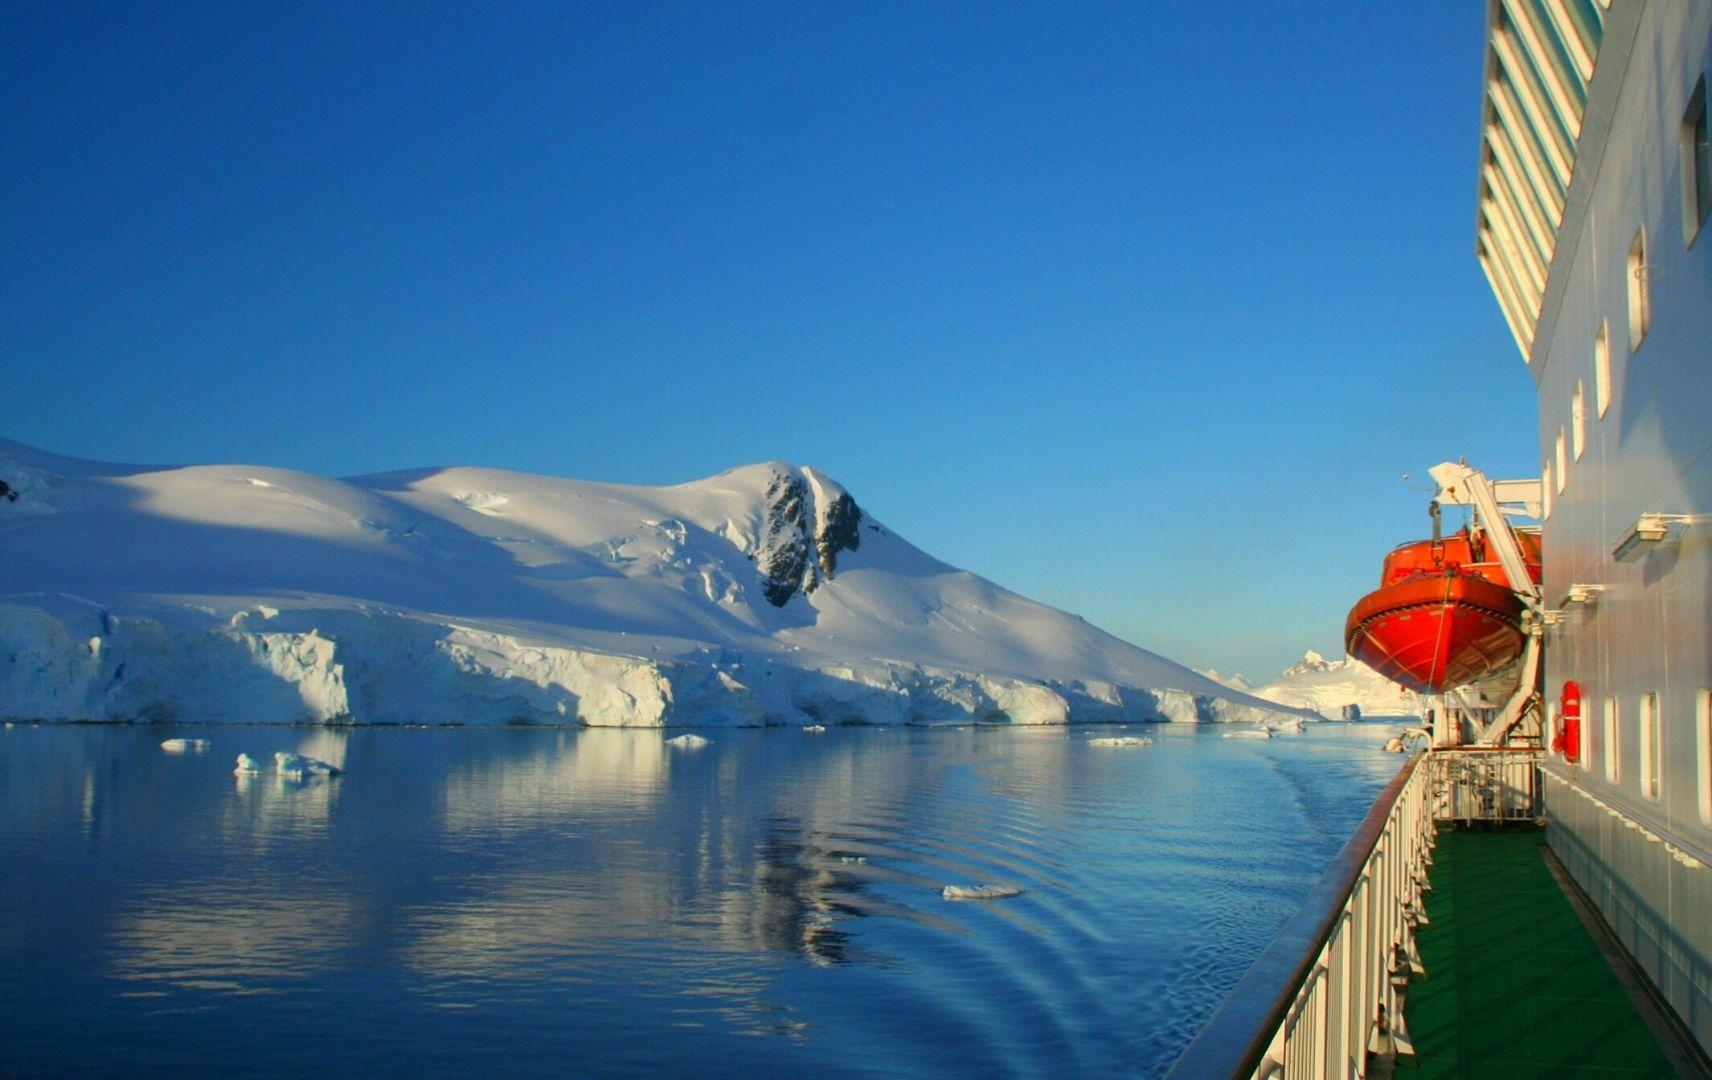 Berge mit Schnee und Schiff